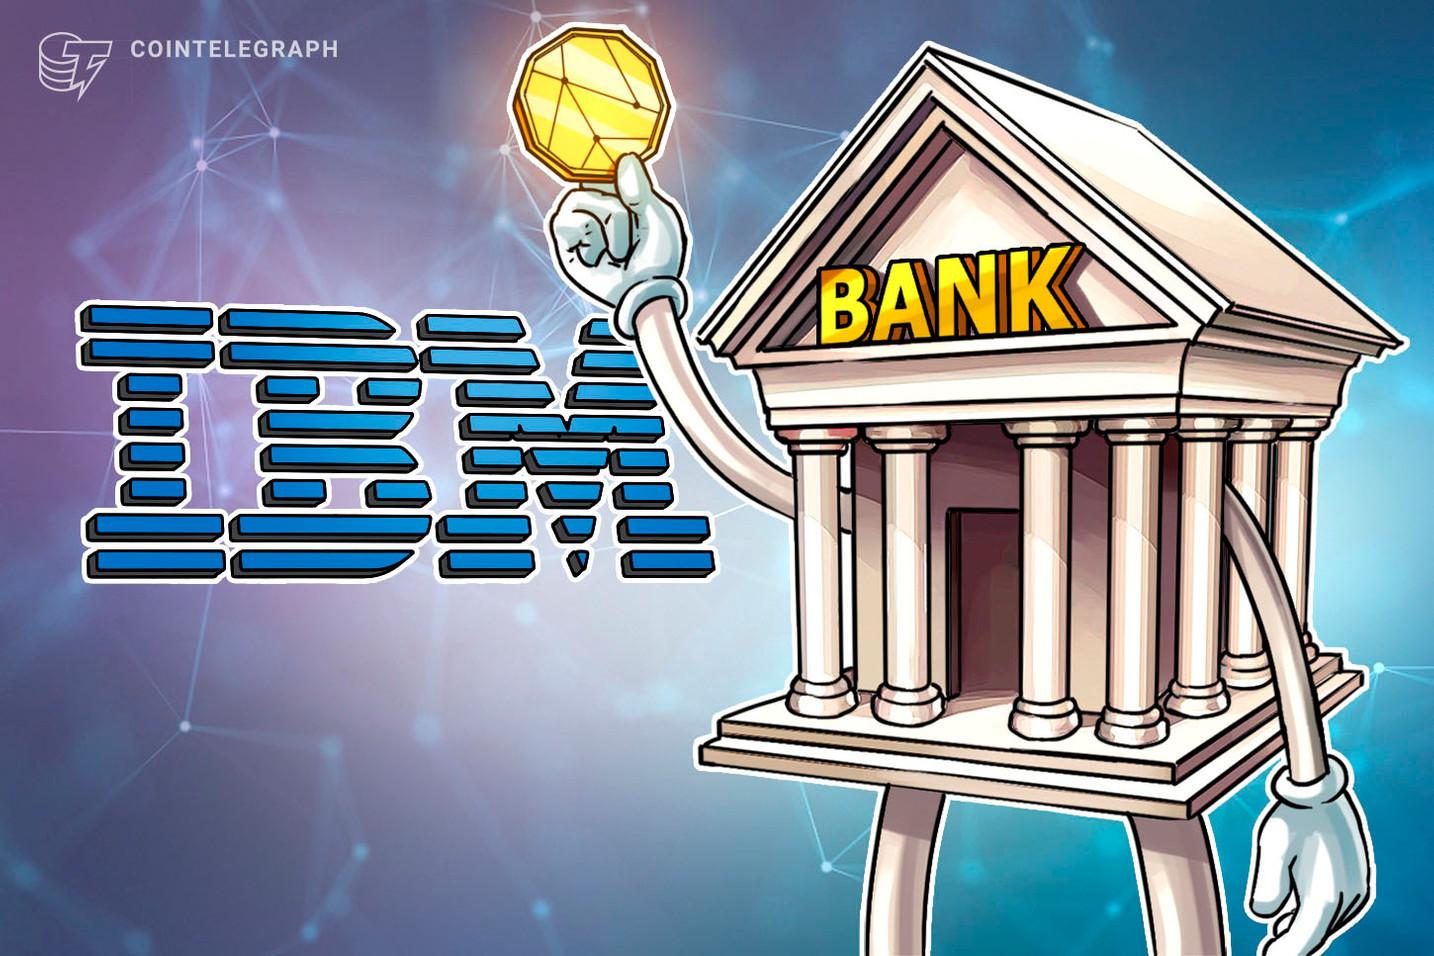 Ejecutivo de IBM: las CBDC pueden aliviar riesgos que contribuyeron a la crisis financiera de 2008